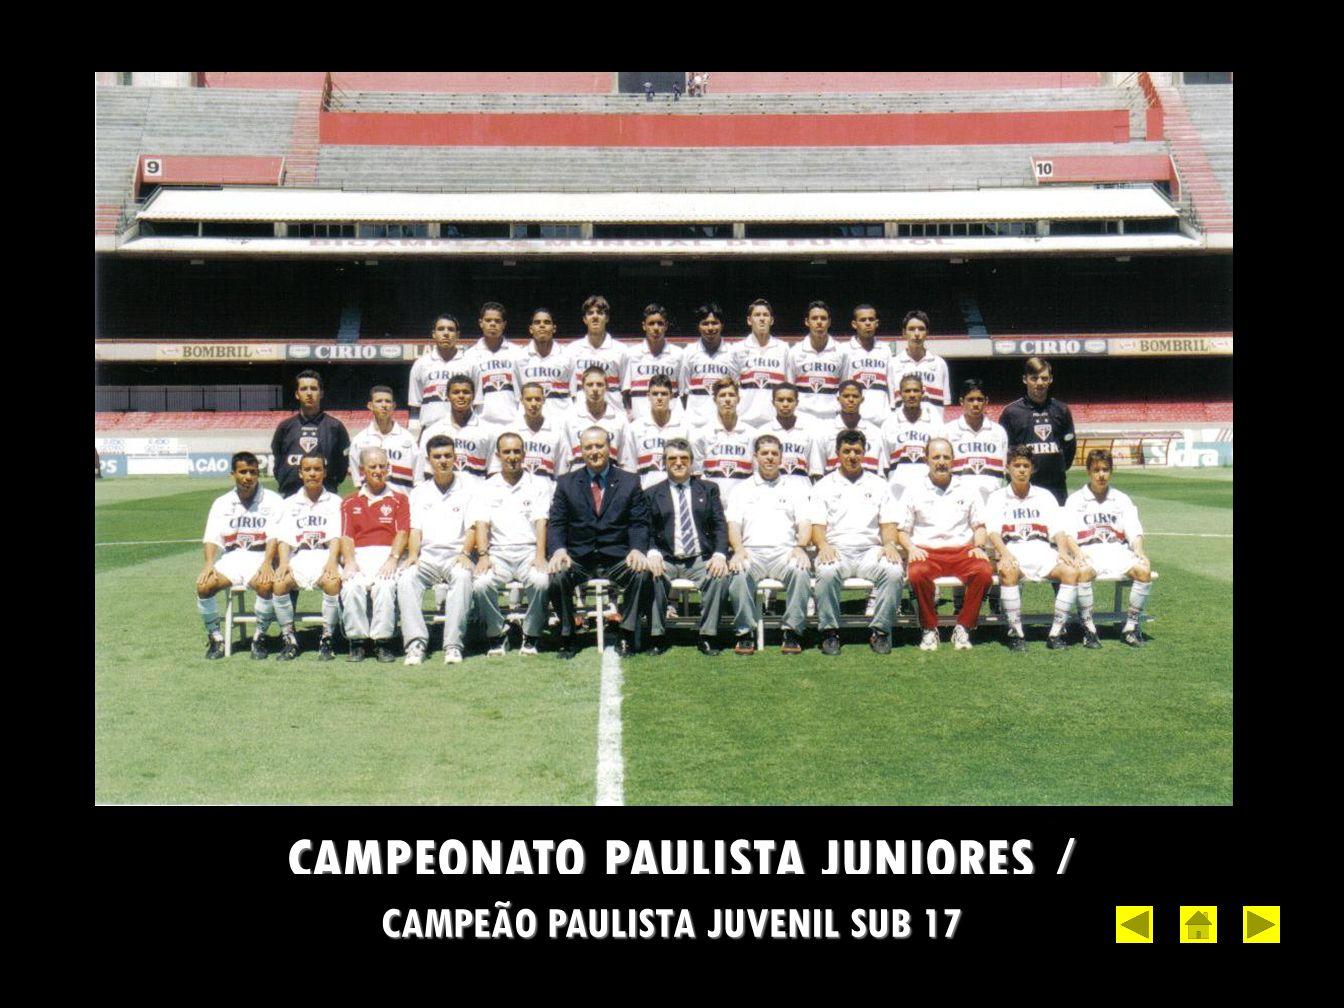 CAMPEÃO PAULISTA JUVENIL SUB 17